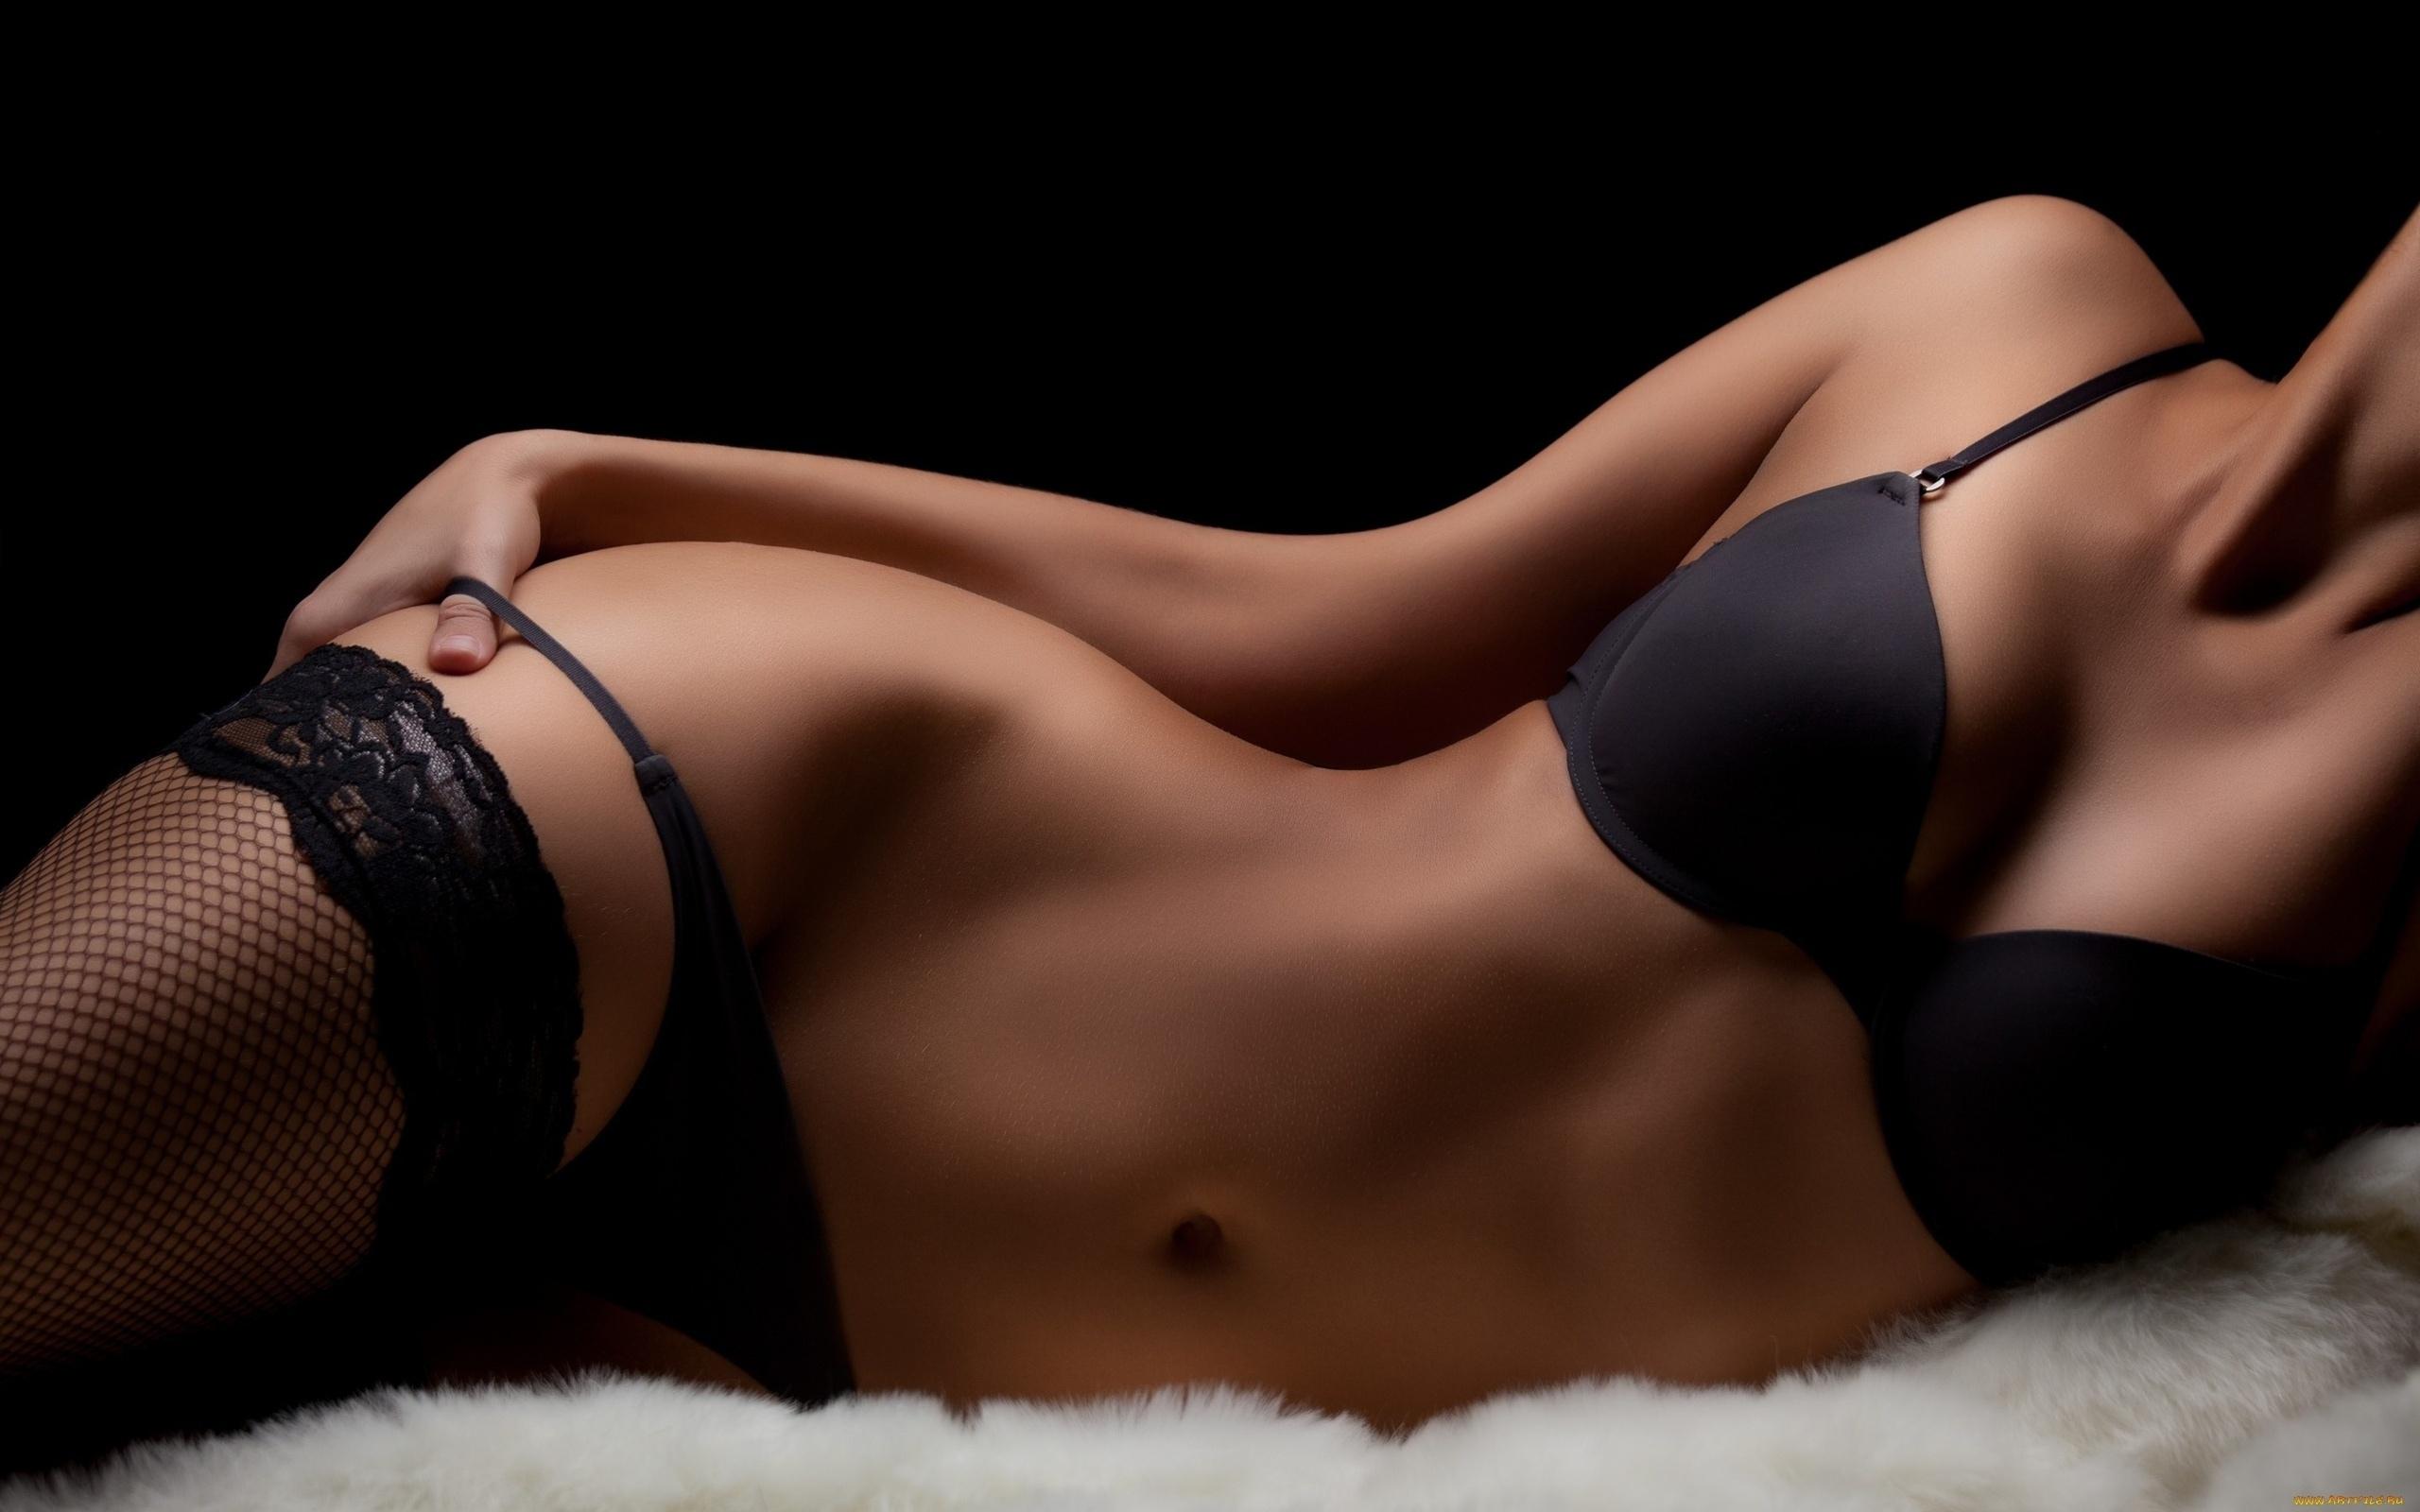 желании фото прекрасных женских тел теплолюбивые овощи